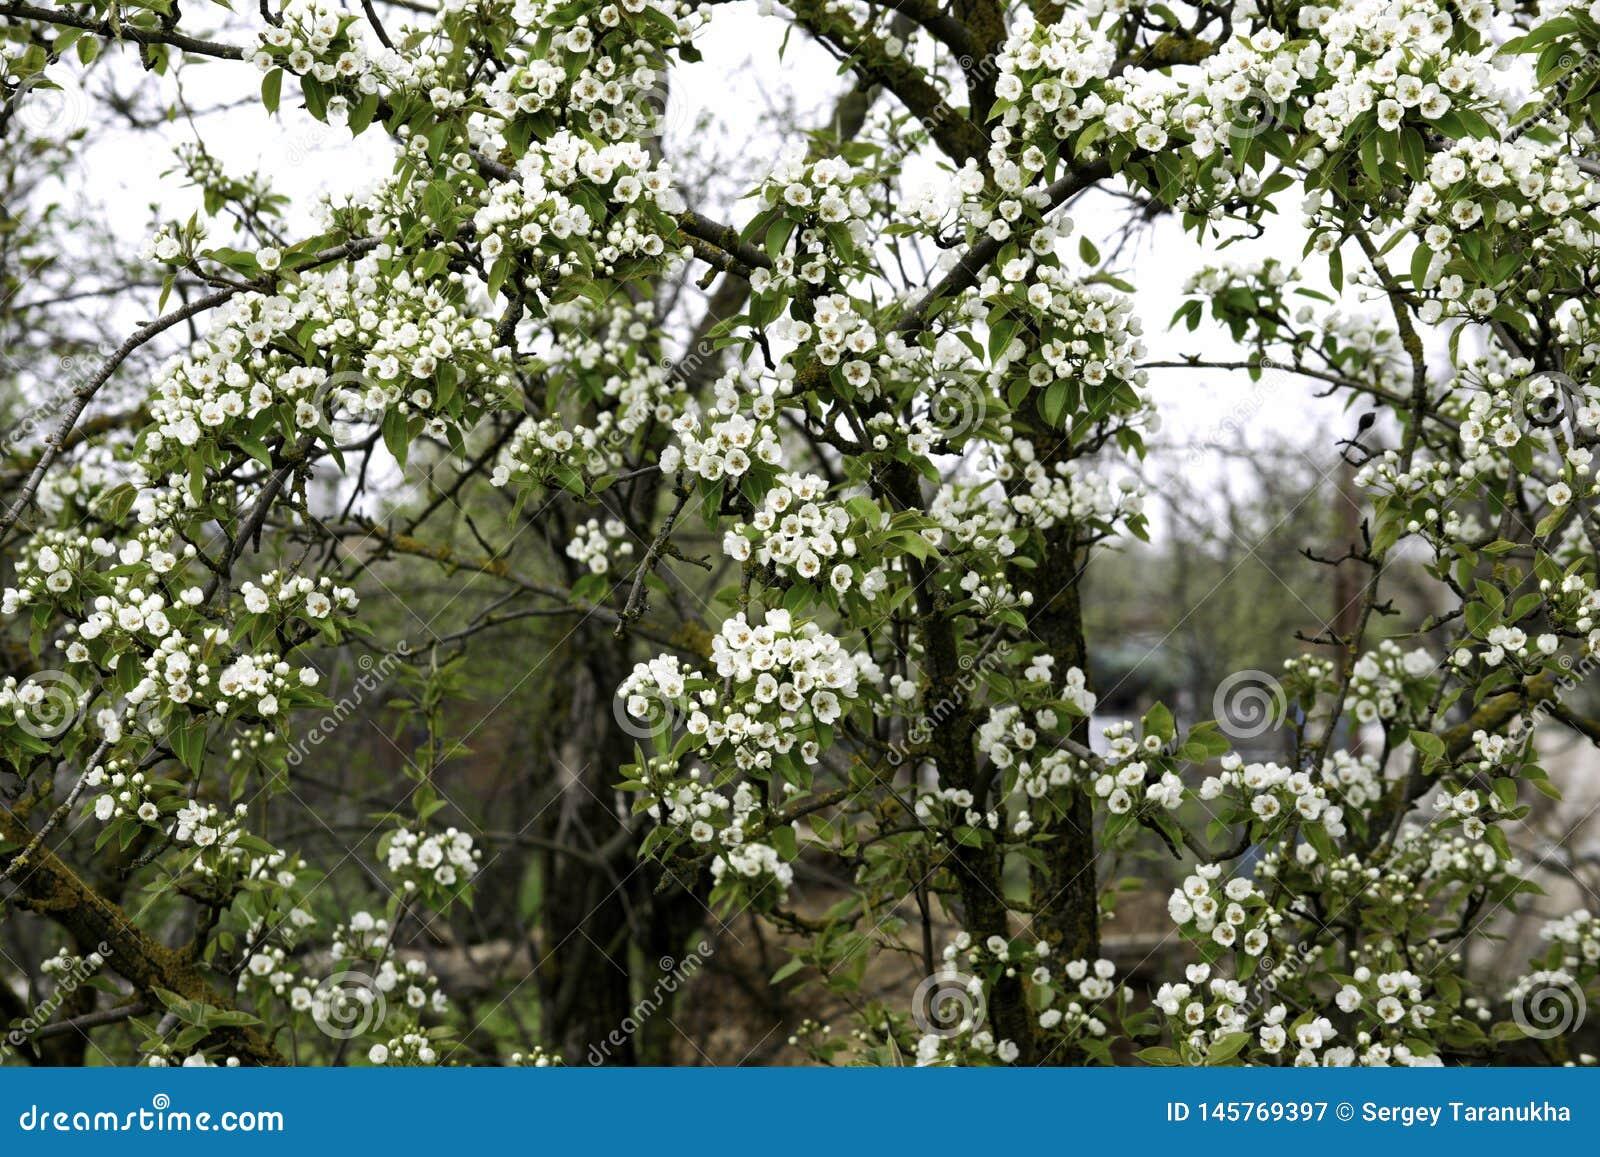 De bloeiende takken van de perenboom in de lente tuinieren, witte bloemen en jong groen gebladerte, achtergrond, achtergrond